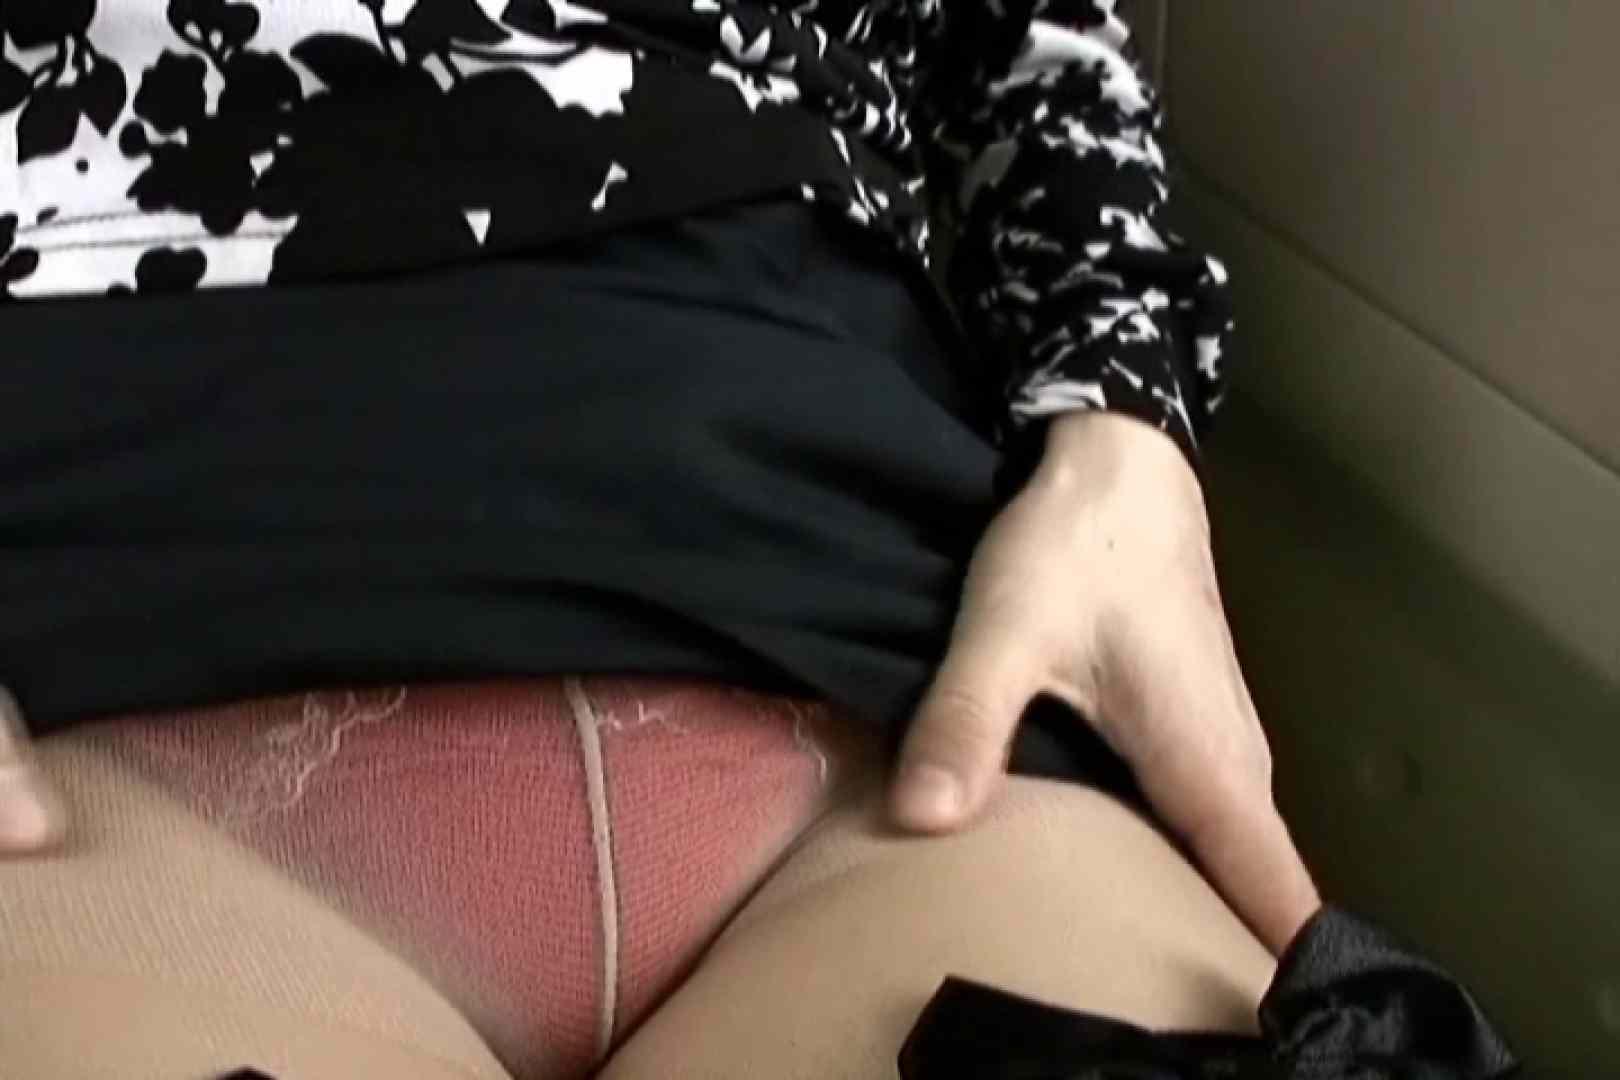 ハイビジョンパンチラ オッテQさんの追跡パンチラ制服女子編Vol.04 追跡   パンチラ  60pic 56